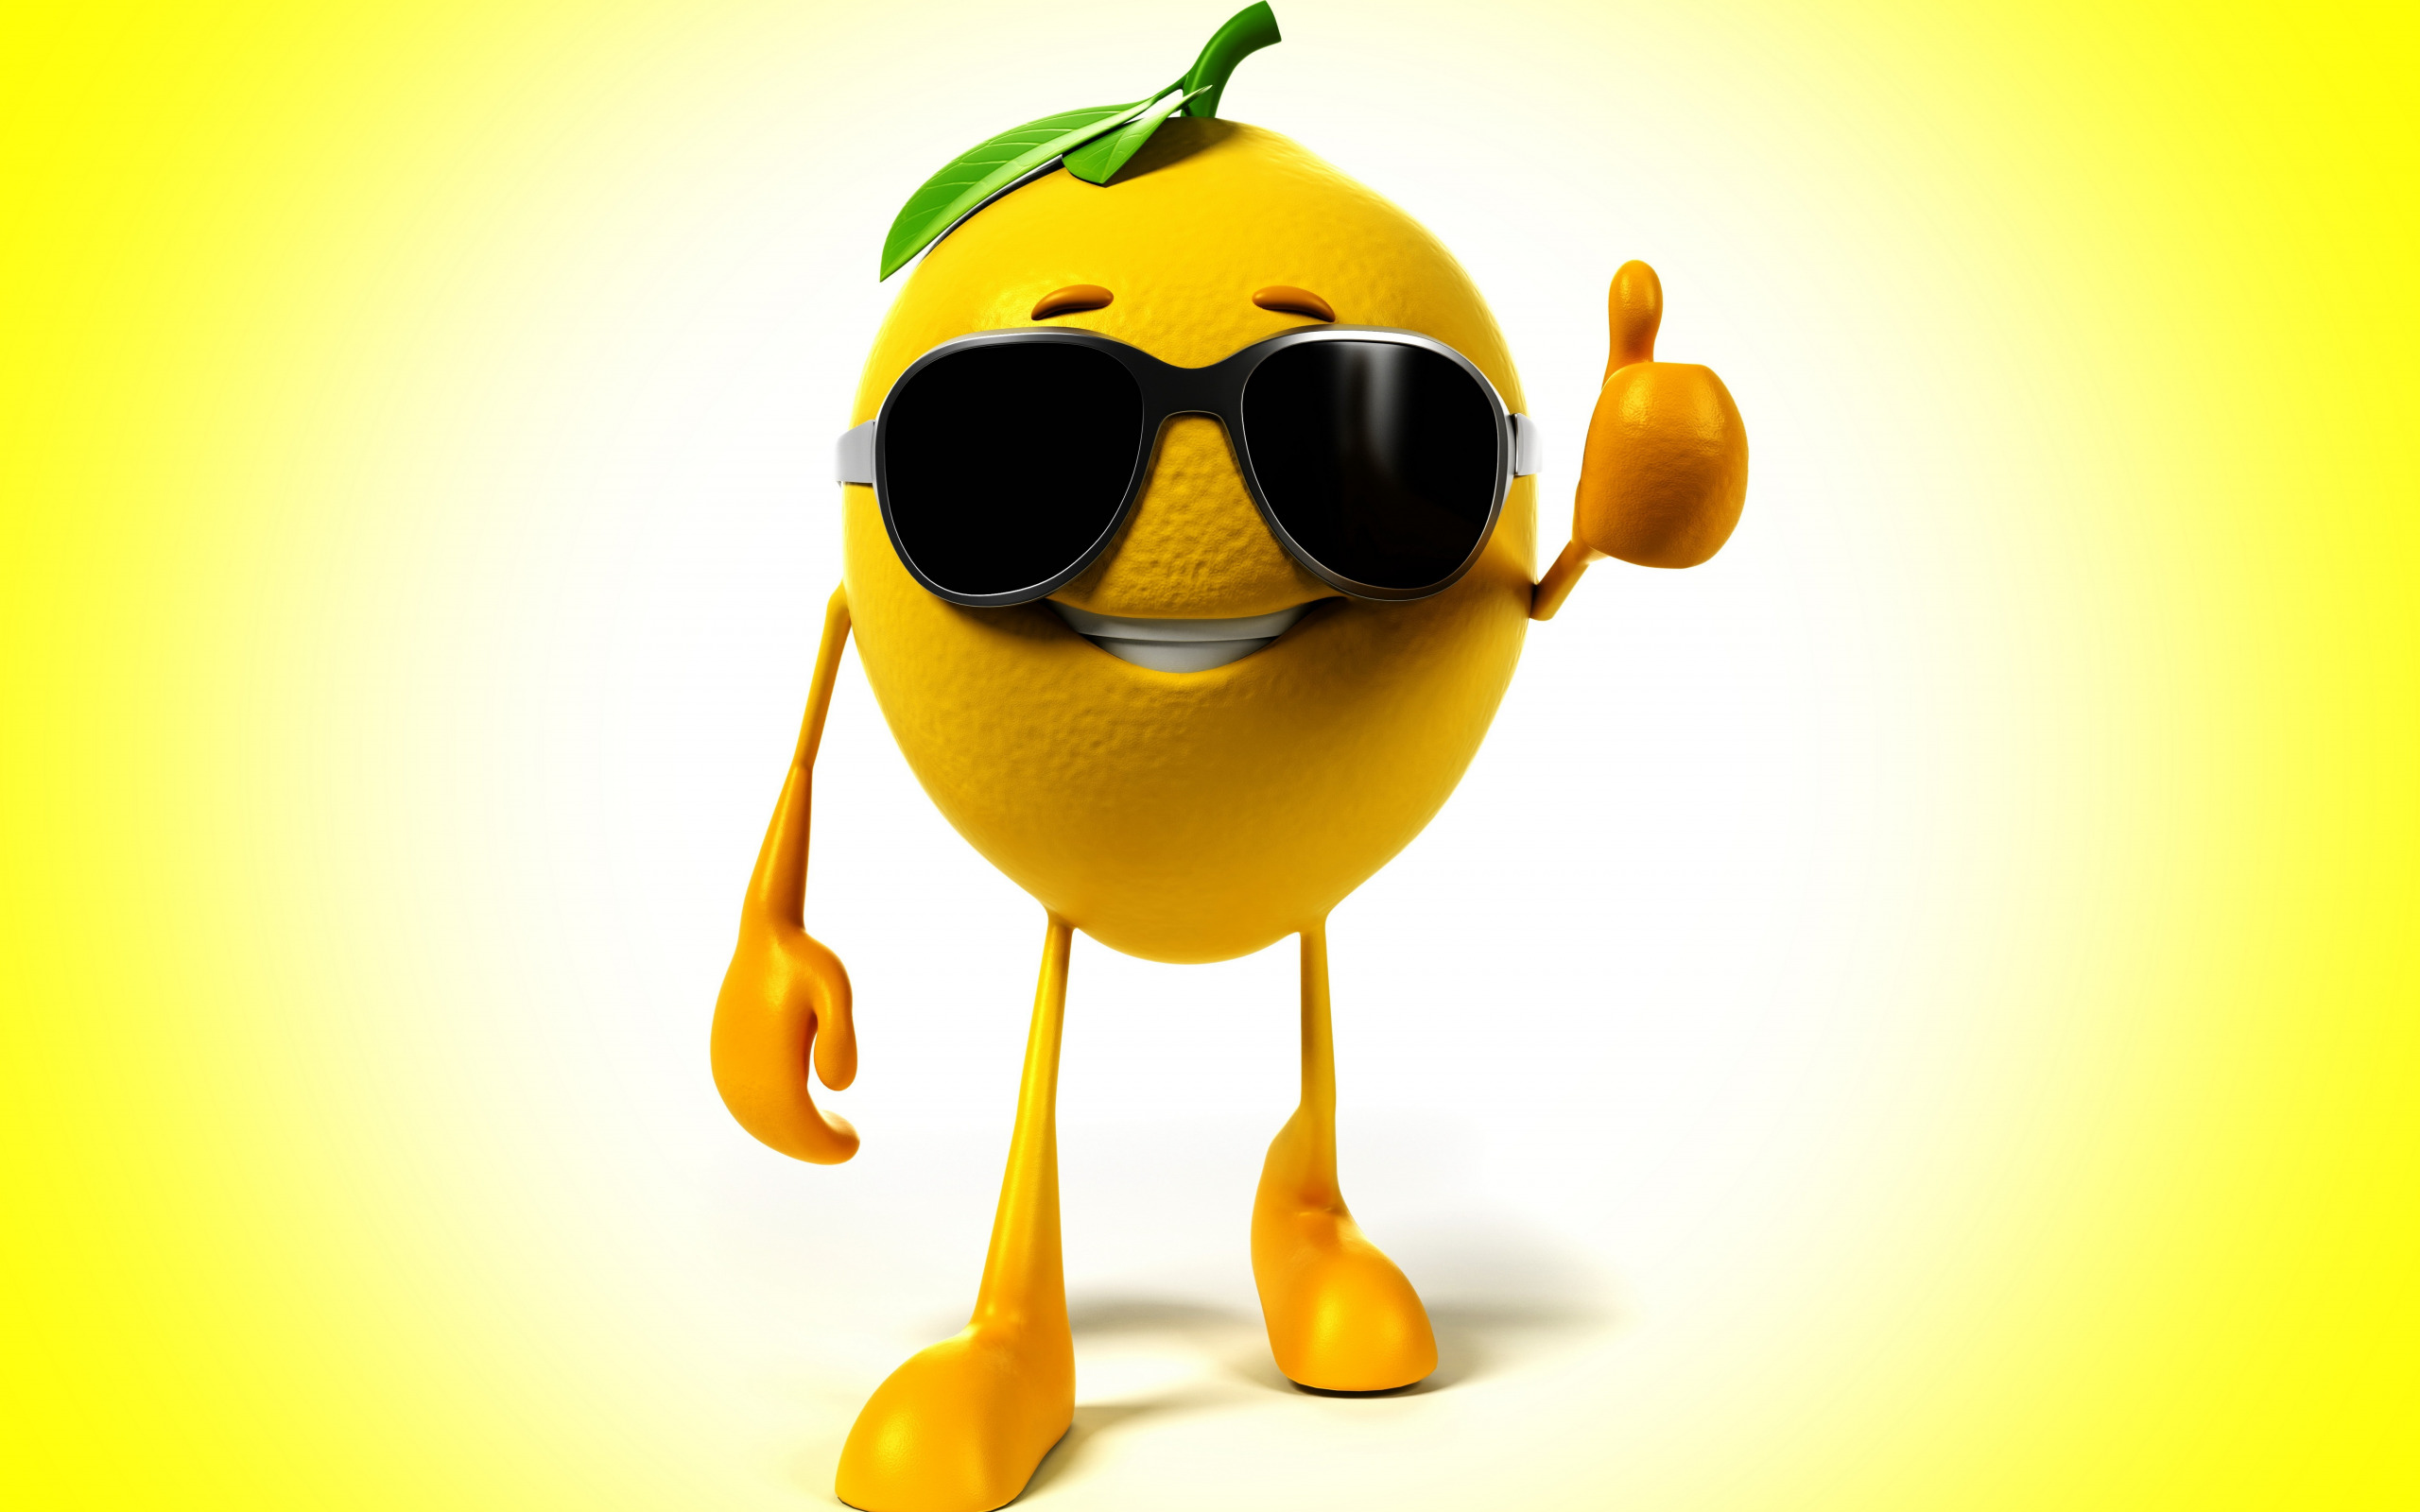 Нежность, картинки смешных лимонов